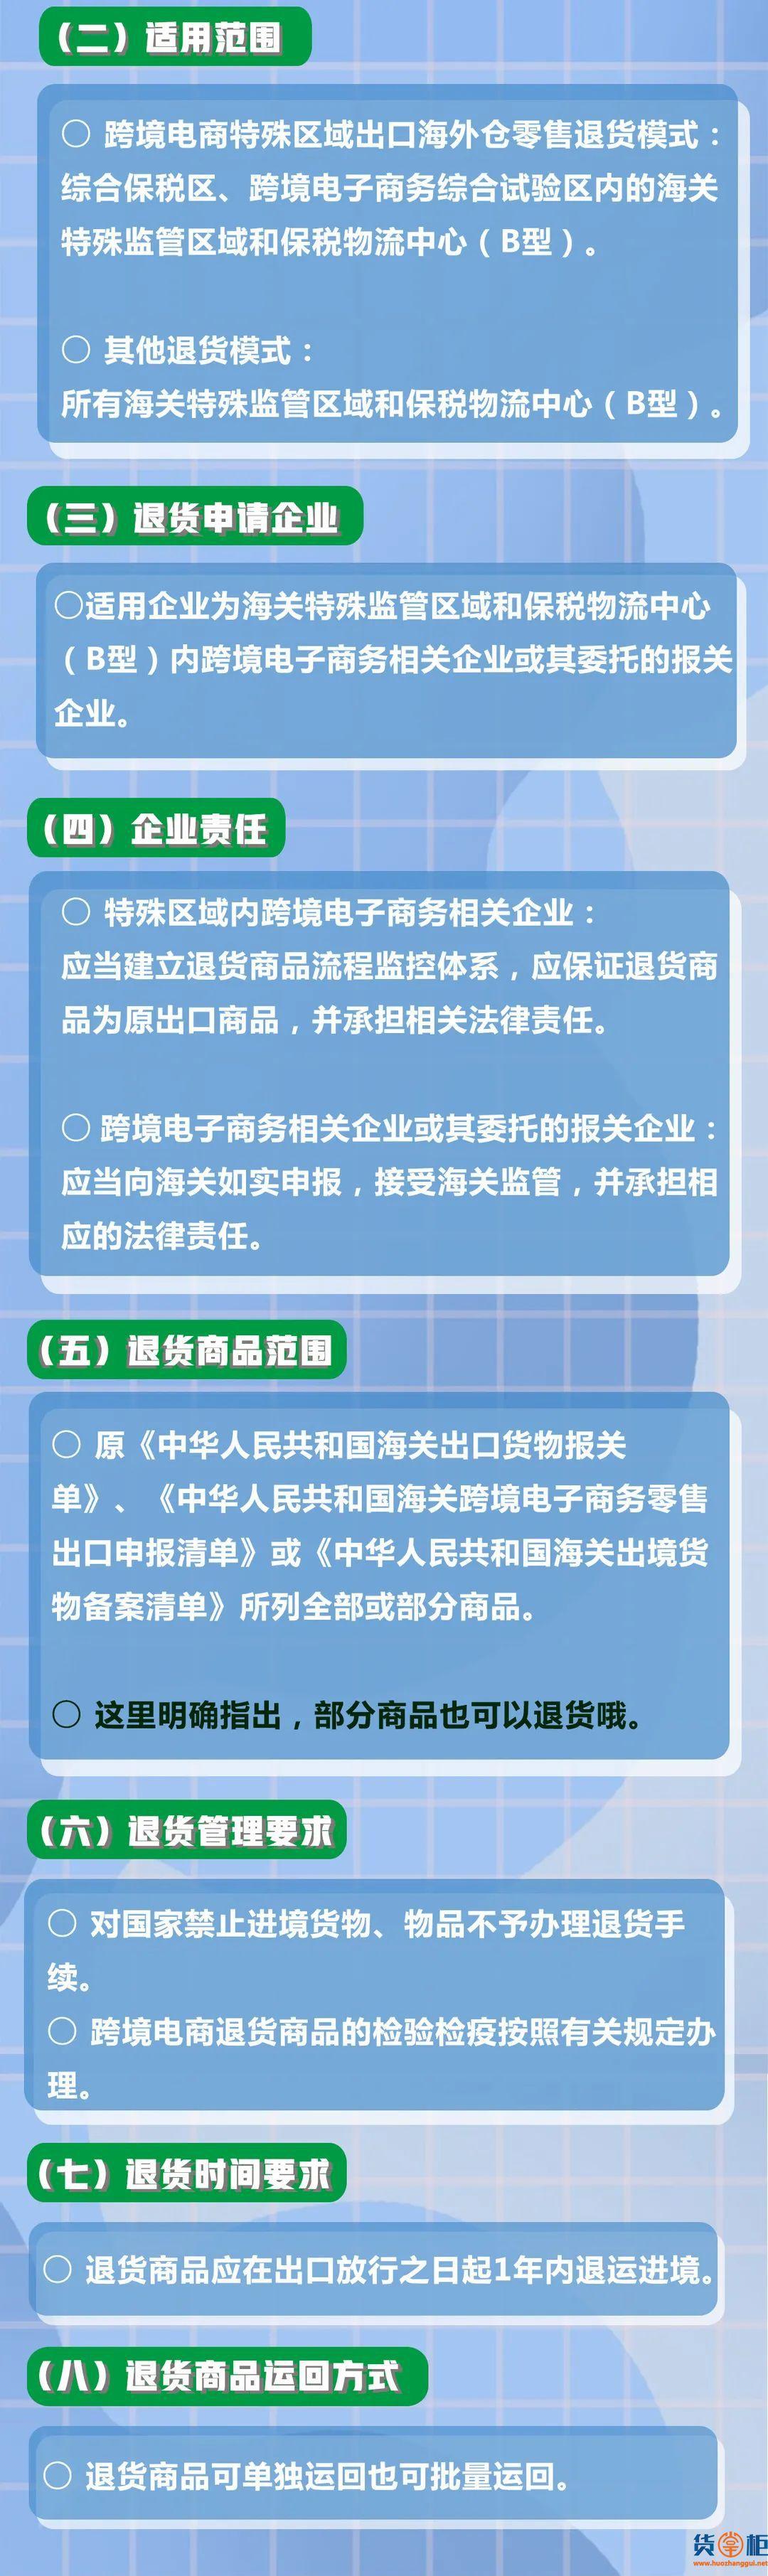 一图读懂海关总署全面推广跨境电商特殊区域出口退货业务